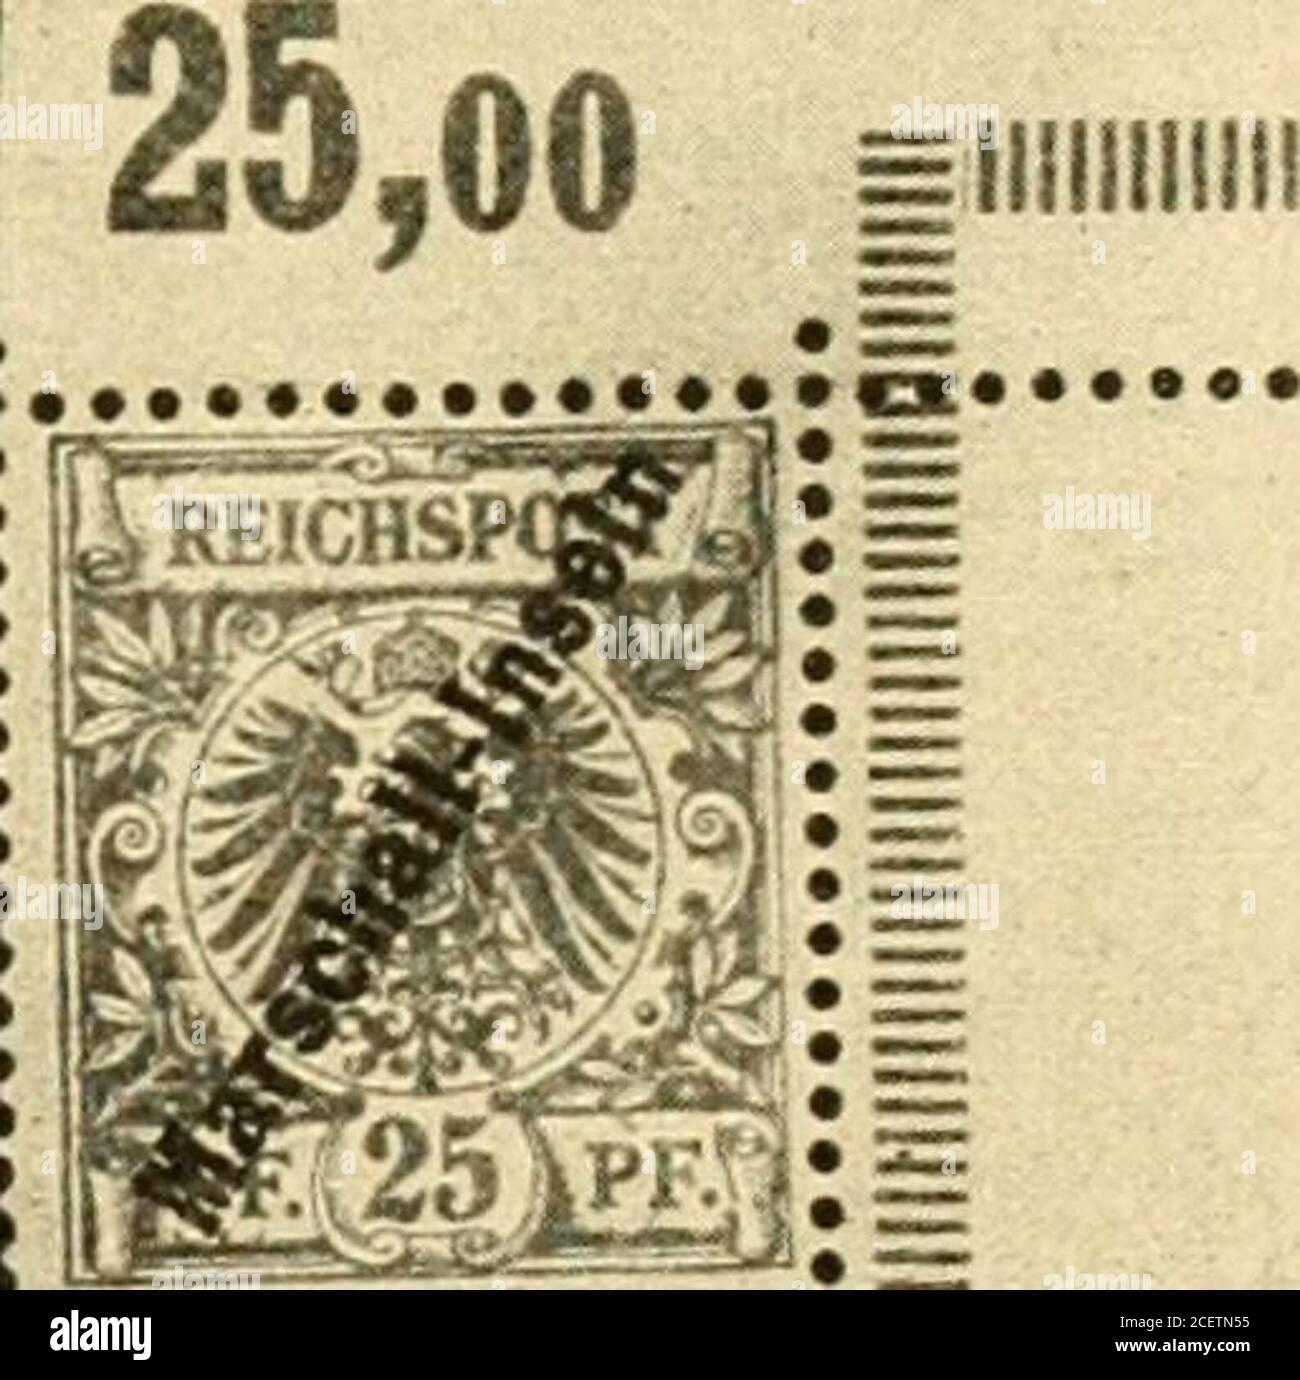 . Die postwertzeichen und entwertungen der deutschen postanstalten in den schutzgebieten und im auslande. = 111111111111. Nr. 1 I. 3 Pfennig graubraun. Nr. 5 V. Feld 1 desBügens hat unbeschädigtes c. 25 Pfennig gelb. Kiältiger Aufdruck. Kräftiger Aufdruck. Die Auflagehöhe der Berner Ausgabe betrug 800 Sätze 3—50 Pfennig, von denen 760 Sätzezur Verteilung und zwar je 5 Sätze an jede am Weltpostverein beteiligte Verwaltung gelangte,während 40 Sätze vom Keichs-Postamt im Tauschweg an Herrn A. in Berlin grgeben wurden. Echt gebraucht sind die Marschall-Marken der Bern er Ausgabe nicht beobachtet w Stock Photo